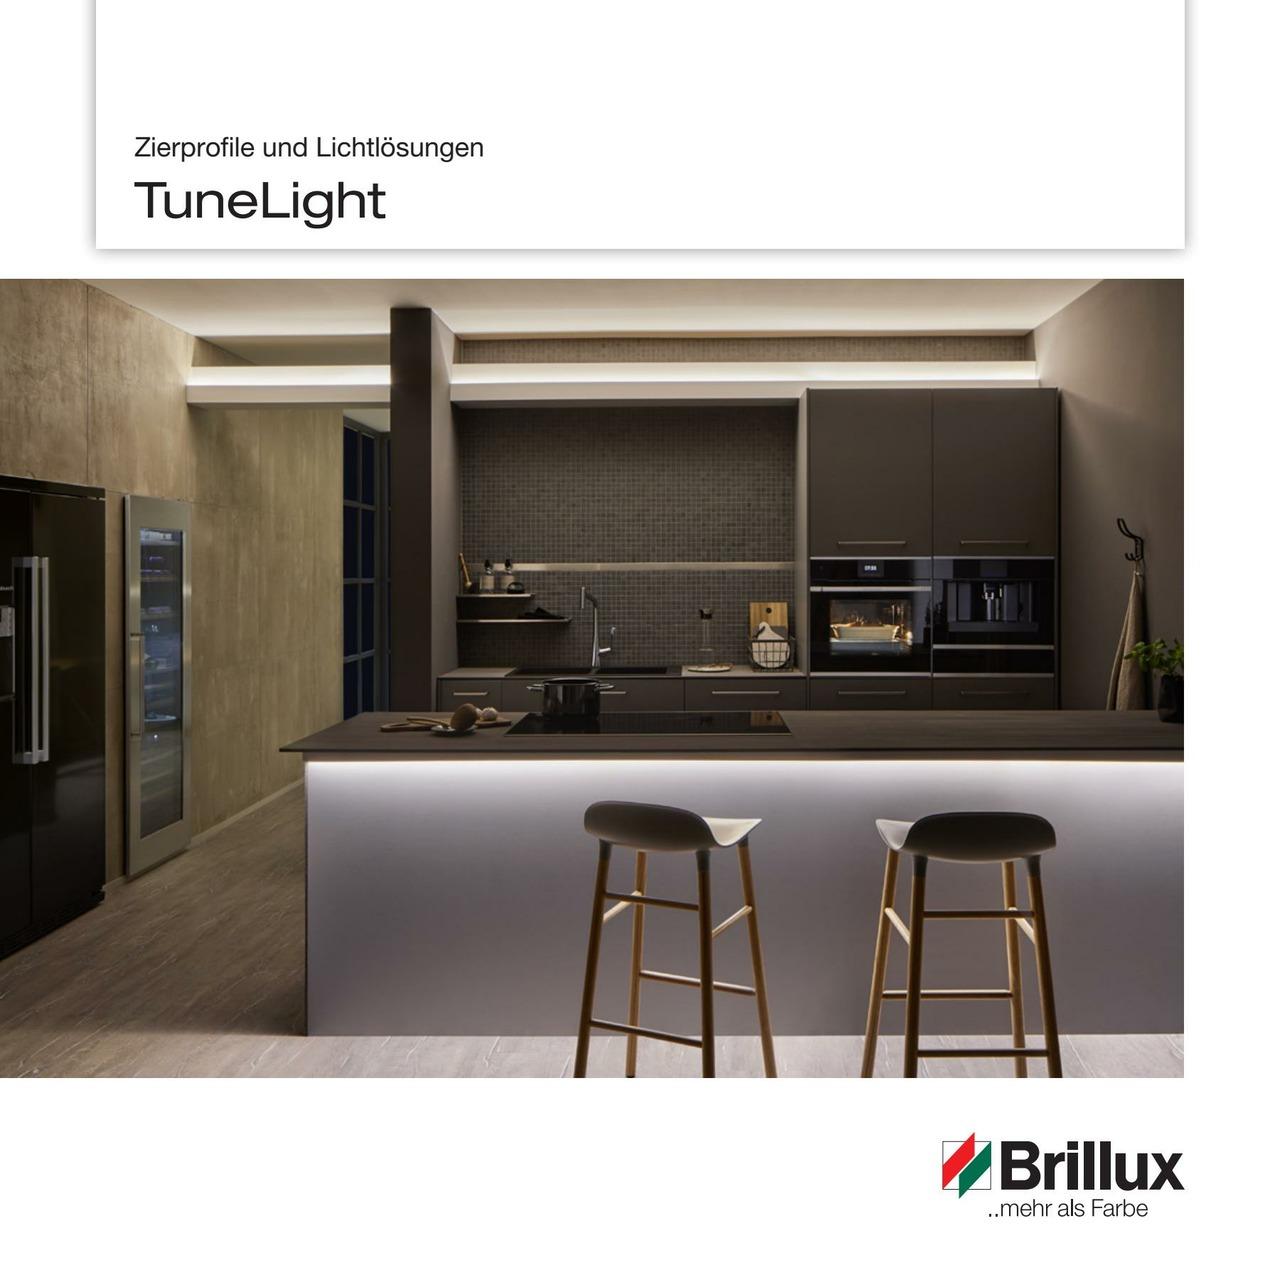 TuneLight Broschüre - Auflistung aller Komponenten des TuneLight LED-Systems sowie der passenden Zierprofile TL